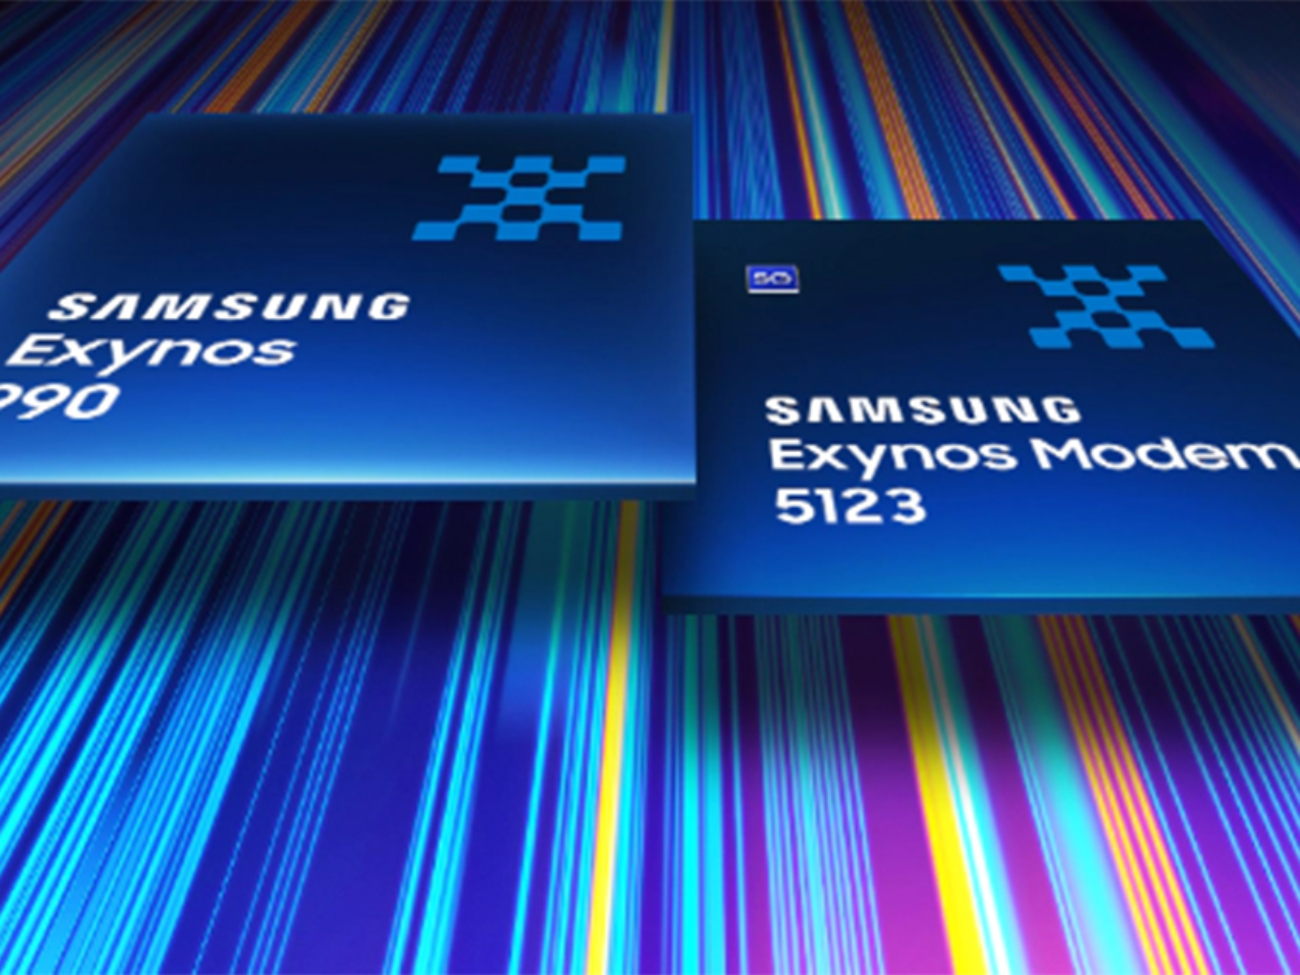 Samsung-Exynos-990-Exynos-5123-Modem